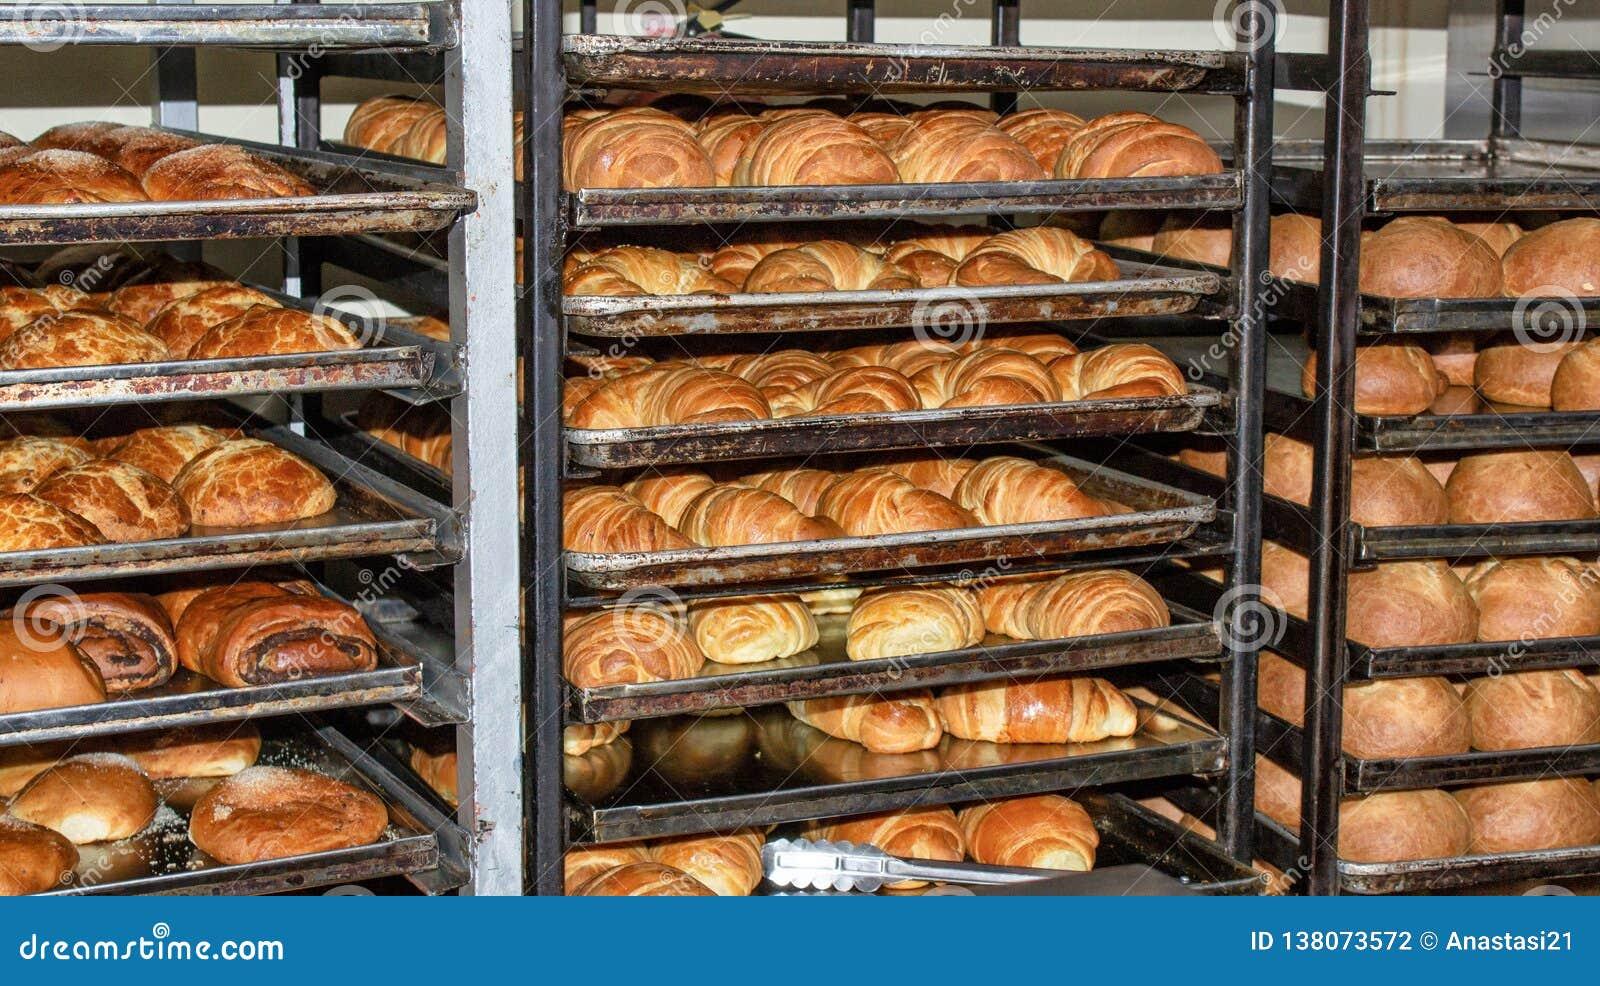 Świeżo piec chleb, półki z babeczkami ecuador Quito